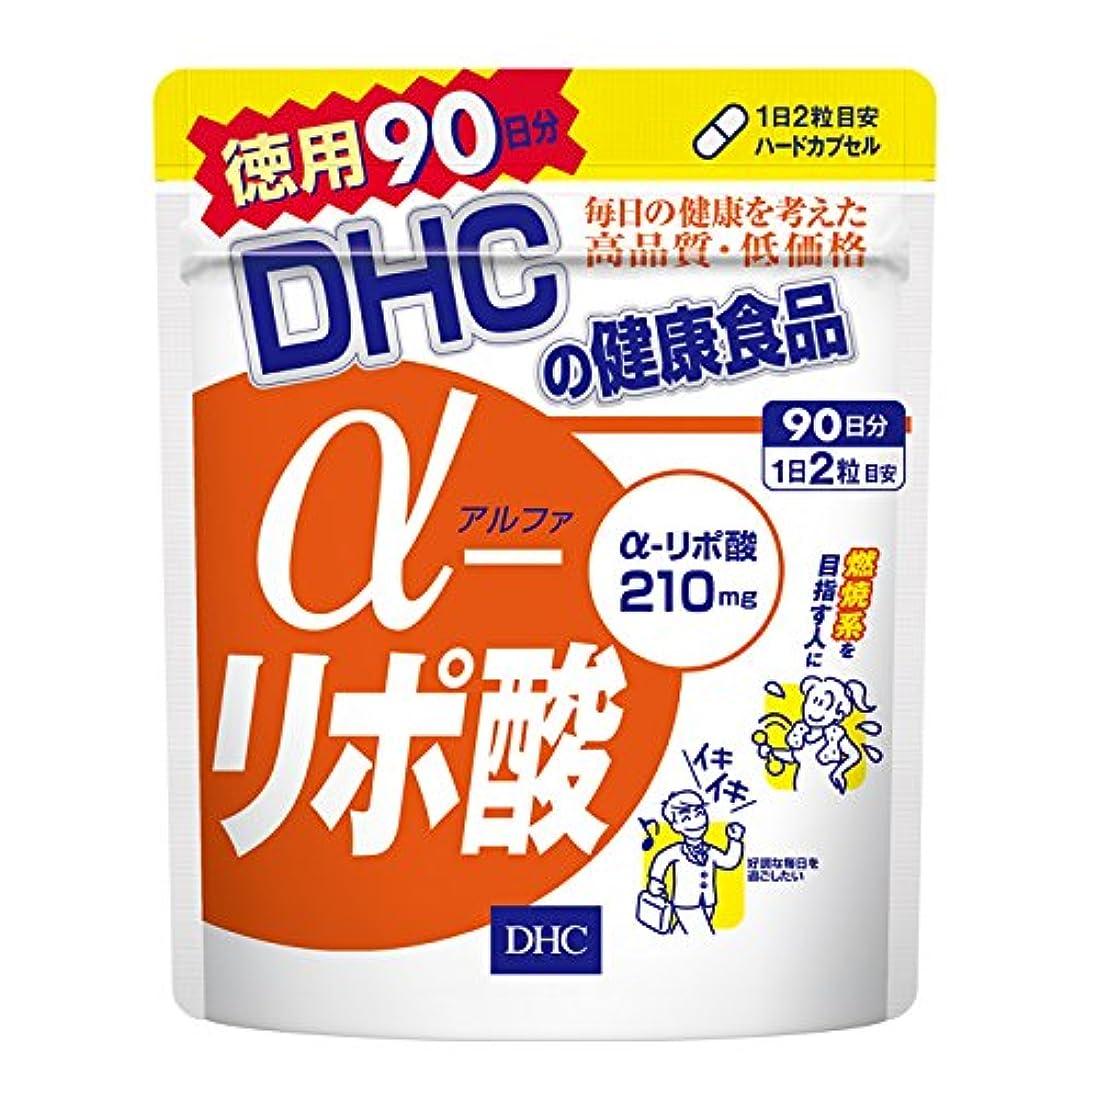 昇進汚れた続編DHC α(アルファ)-リポ酸 徳用90日分